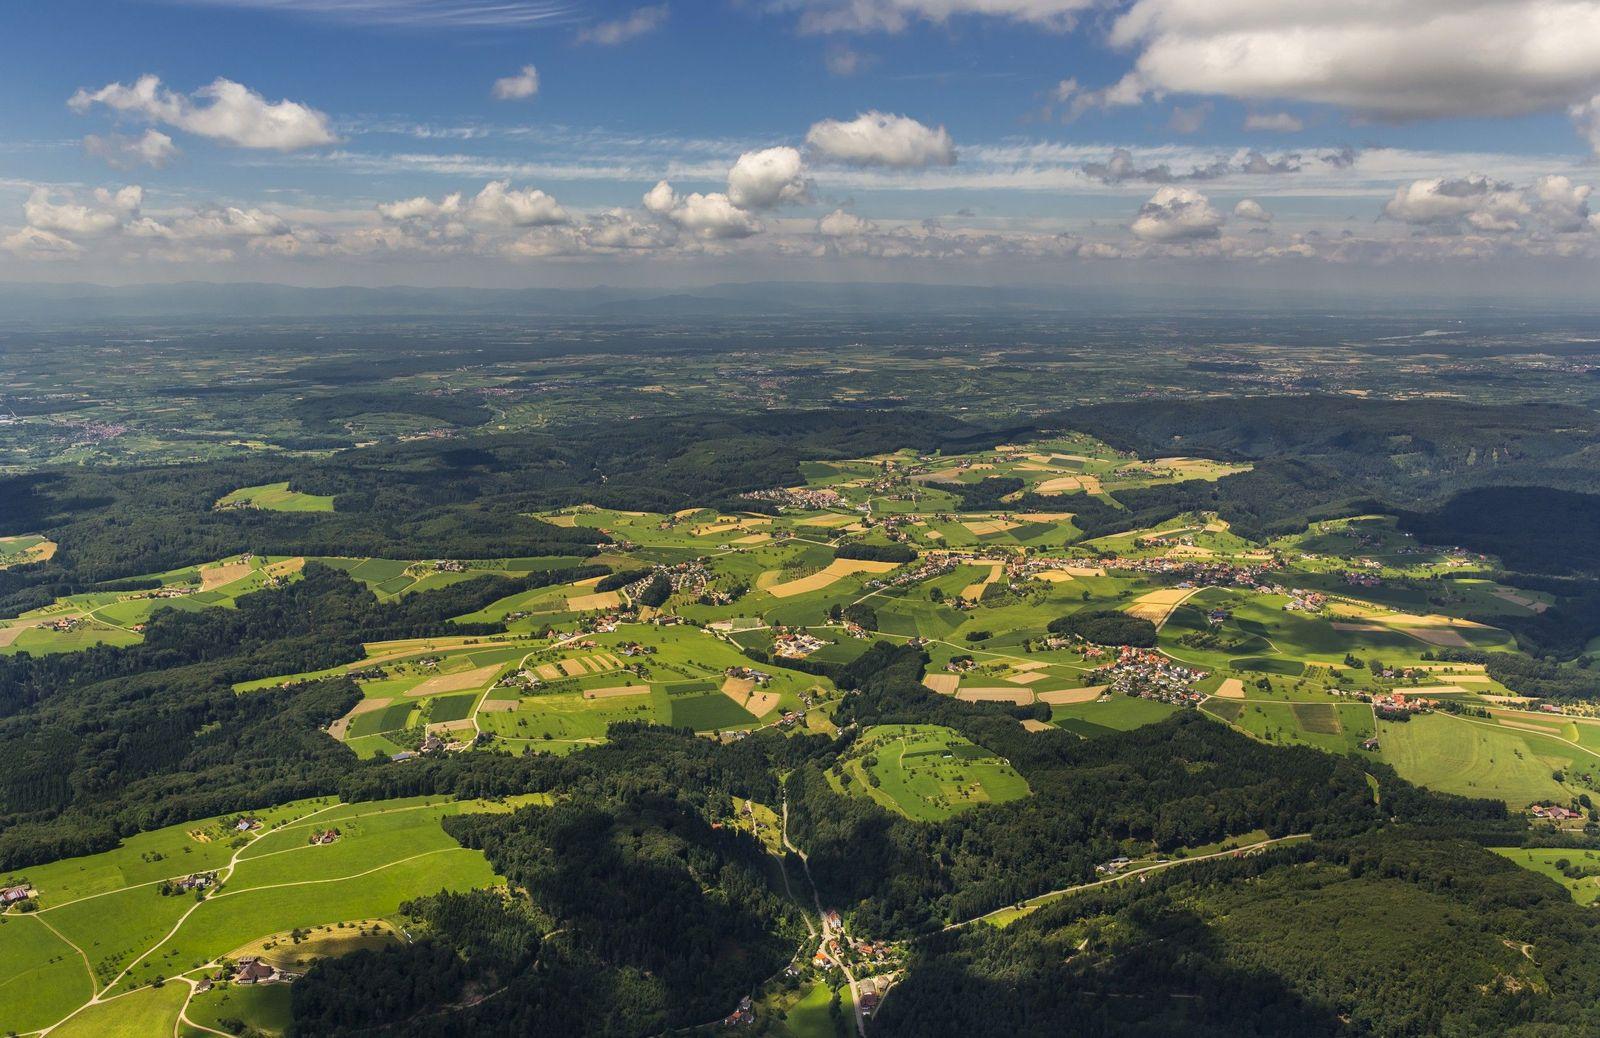 NICHT MEHR VERWENDEN! - Baden-Württemberg / Landschaft